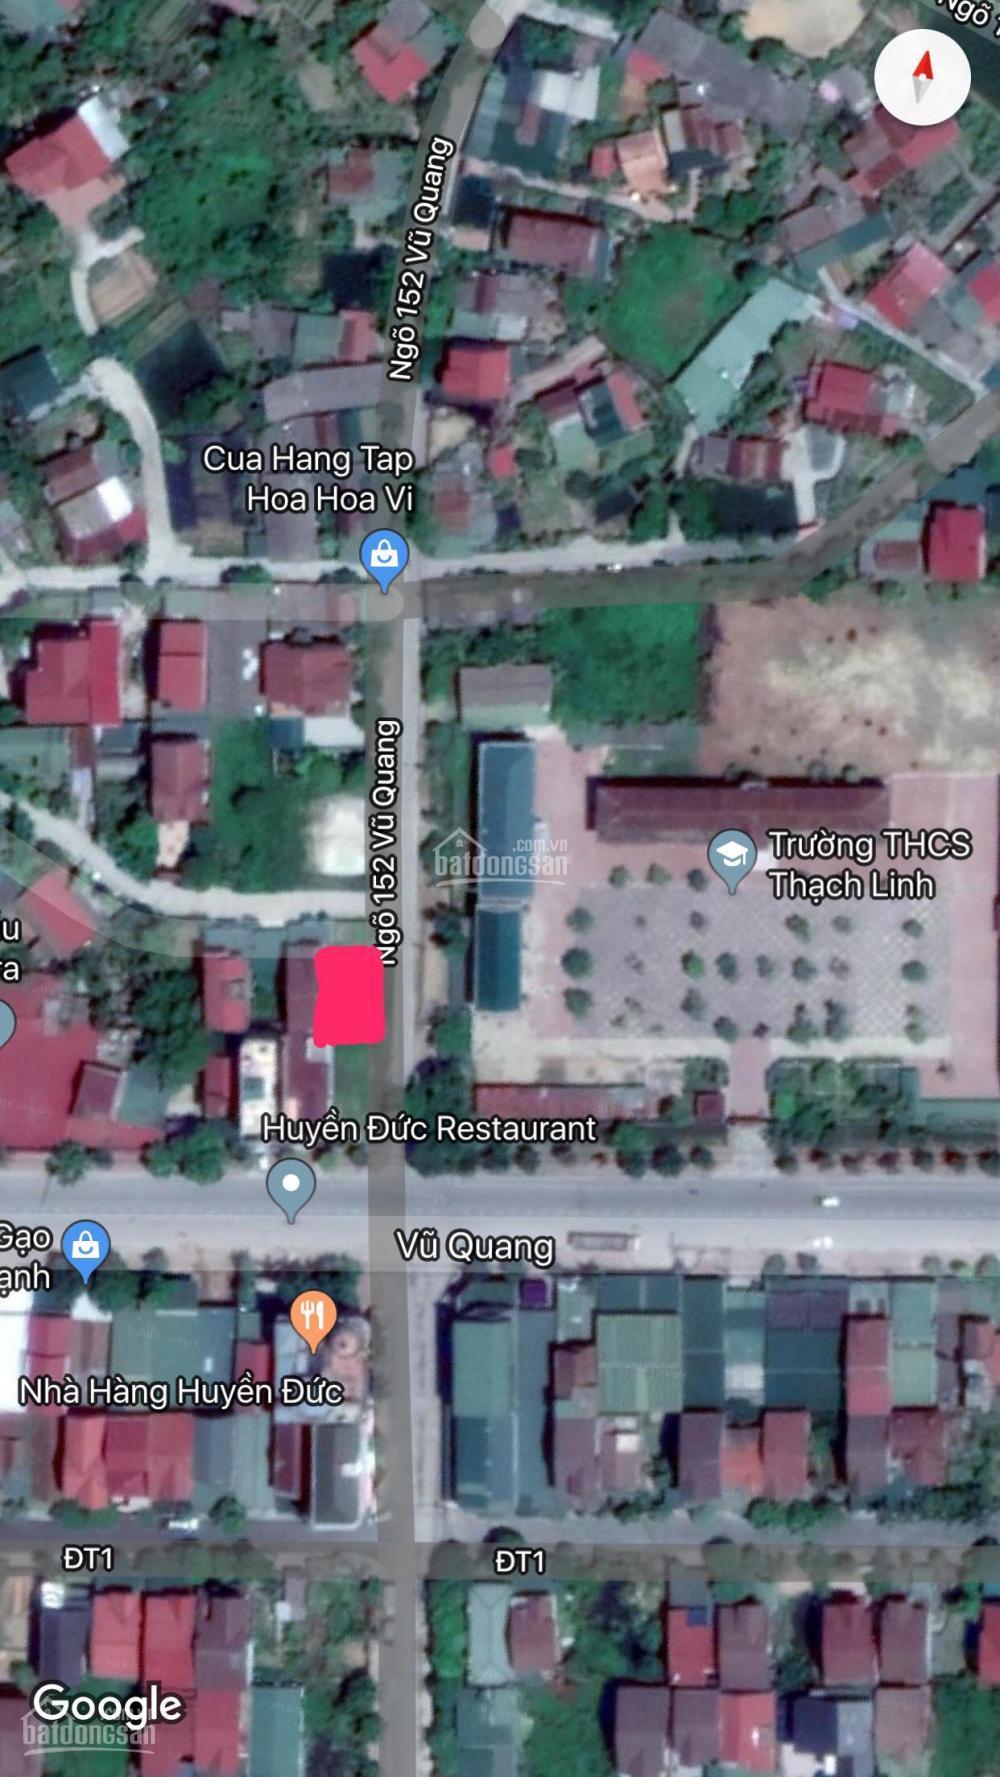 Cho thuê đất đường vũ quang, đối diện nhà hàng huyền đức (sơ đồ kèm theo). đt: 0375950631